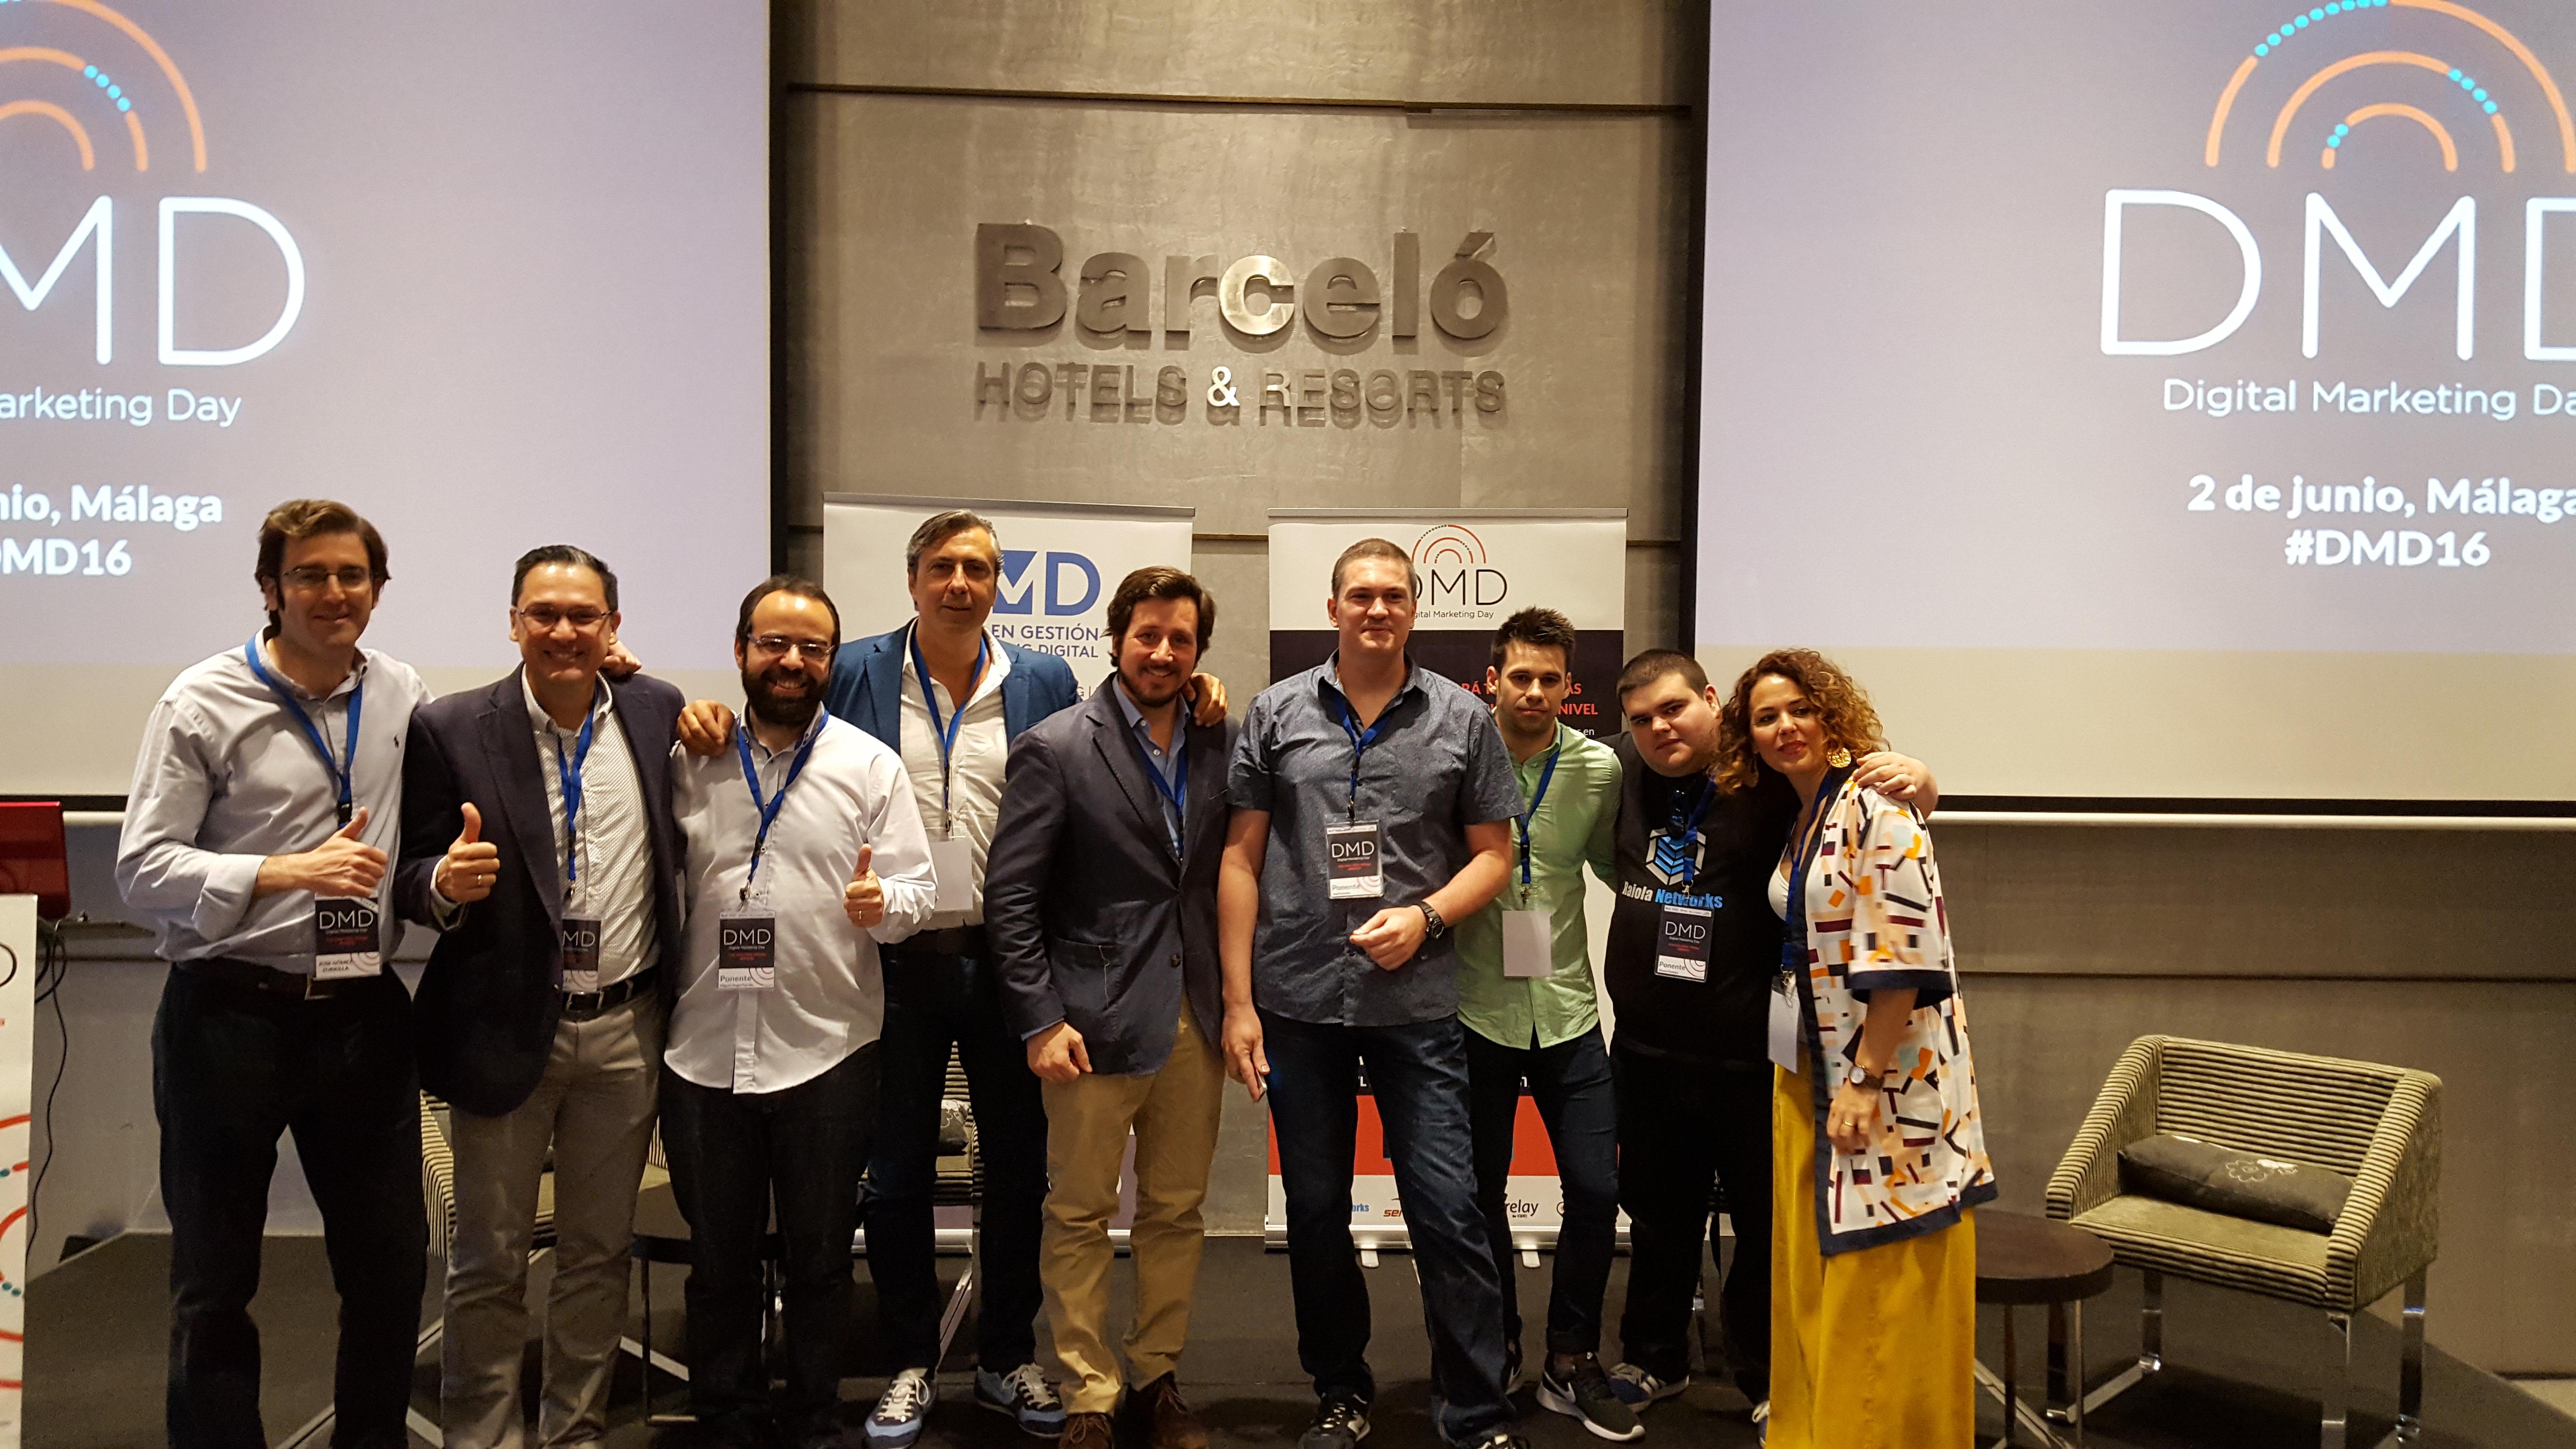 Conferencistas DMD2016 Juan Carlos Mejía Llano